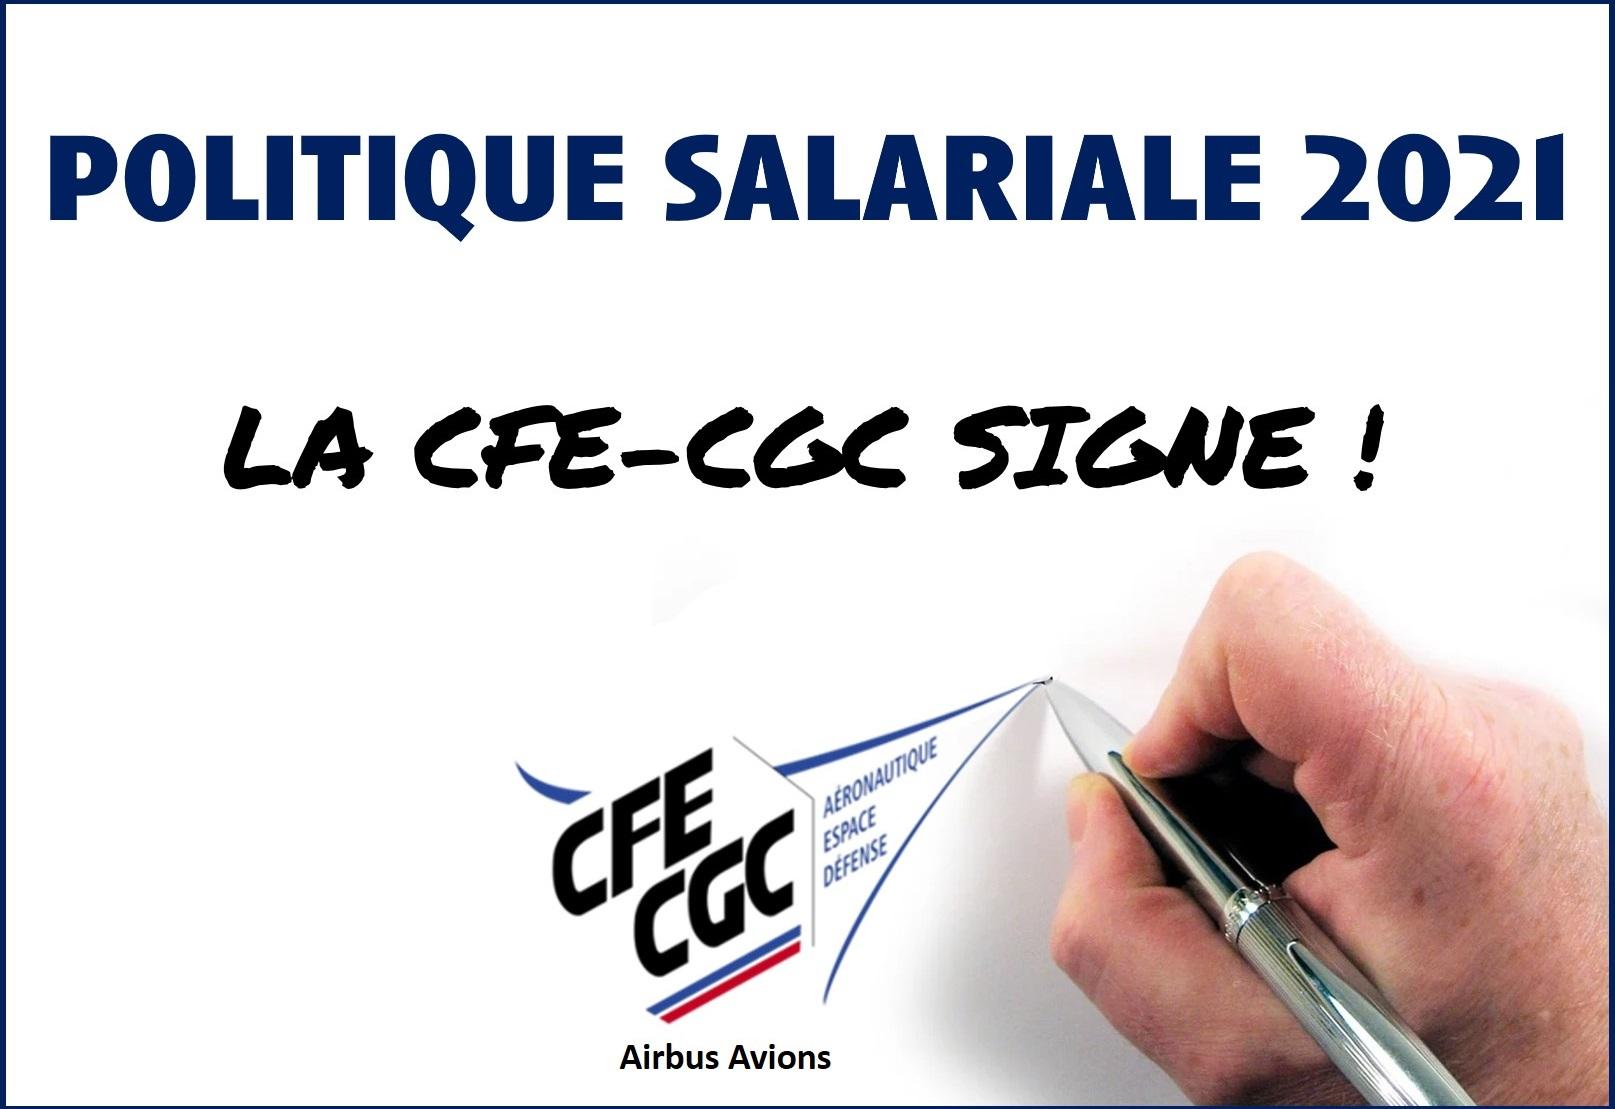 La CFE-CGC signe la politique salariale !